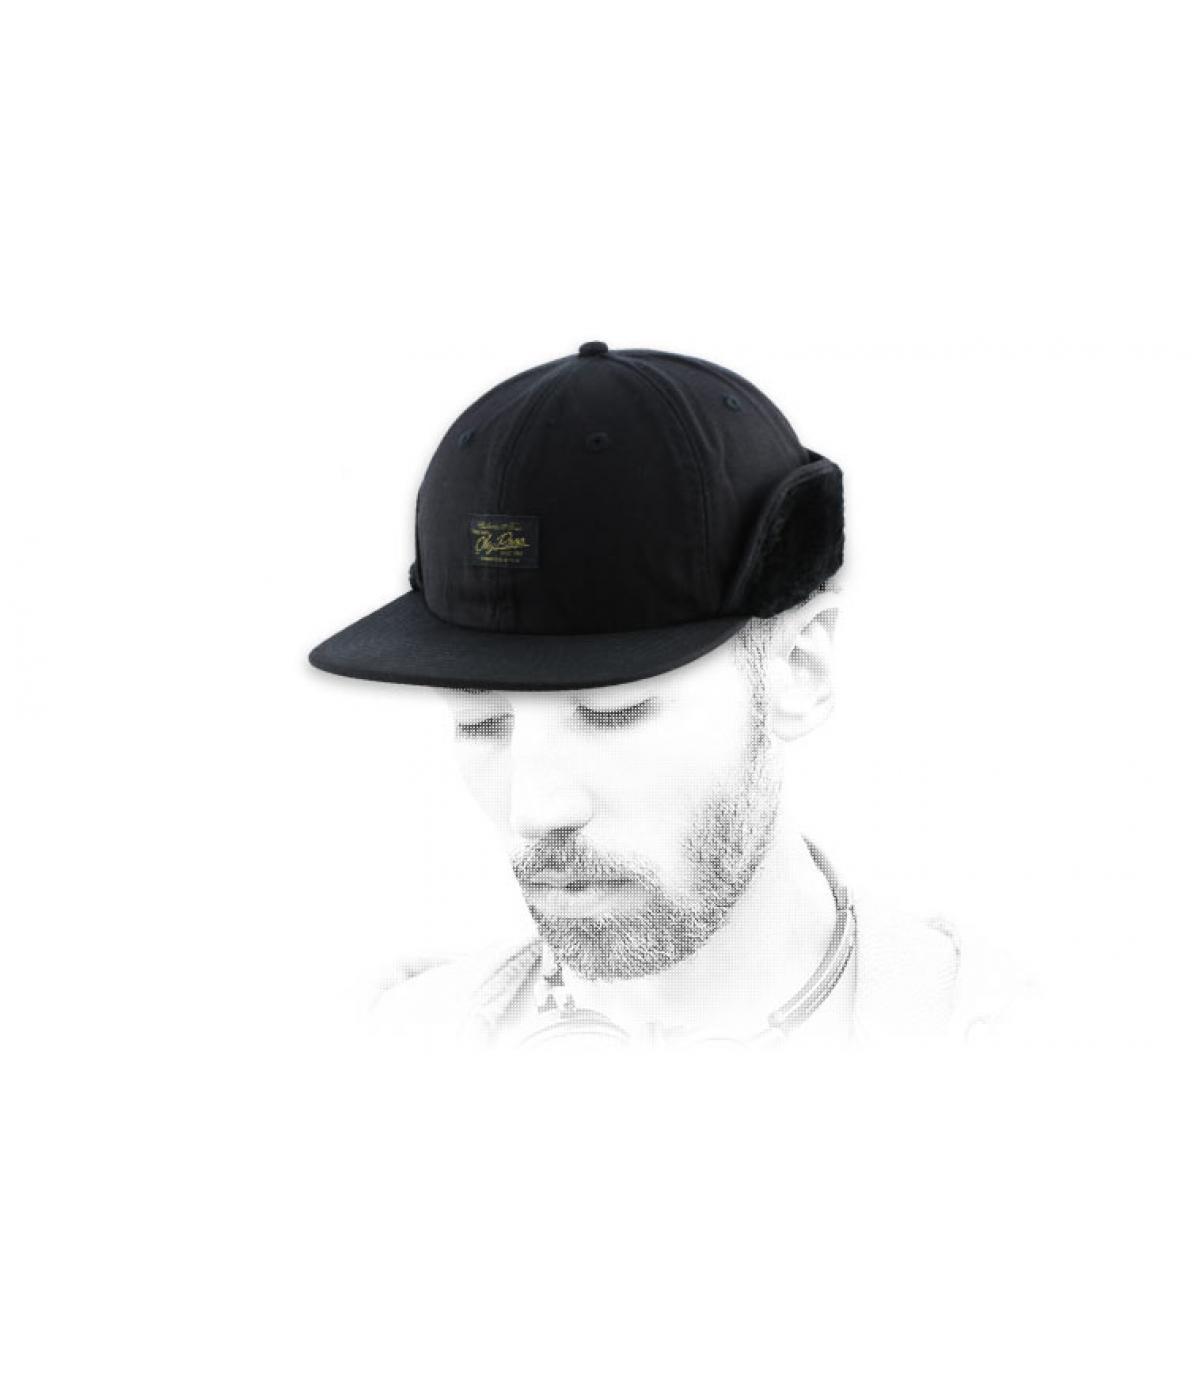 schwarz ear flap cap